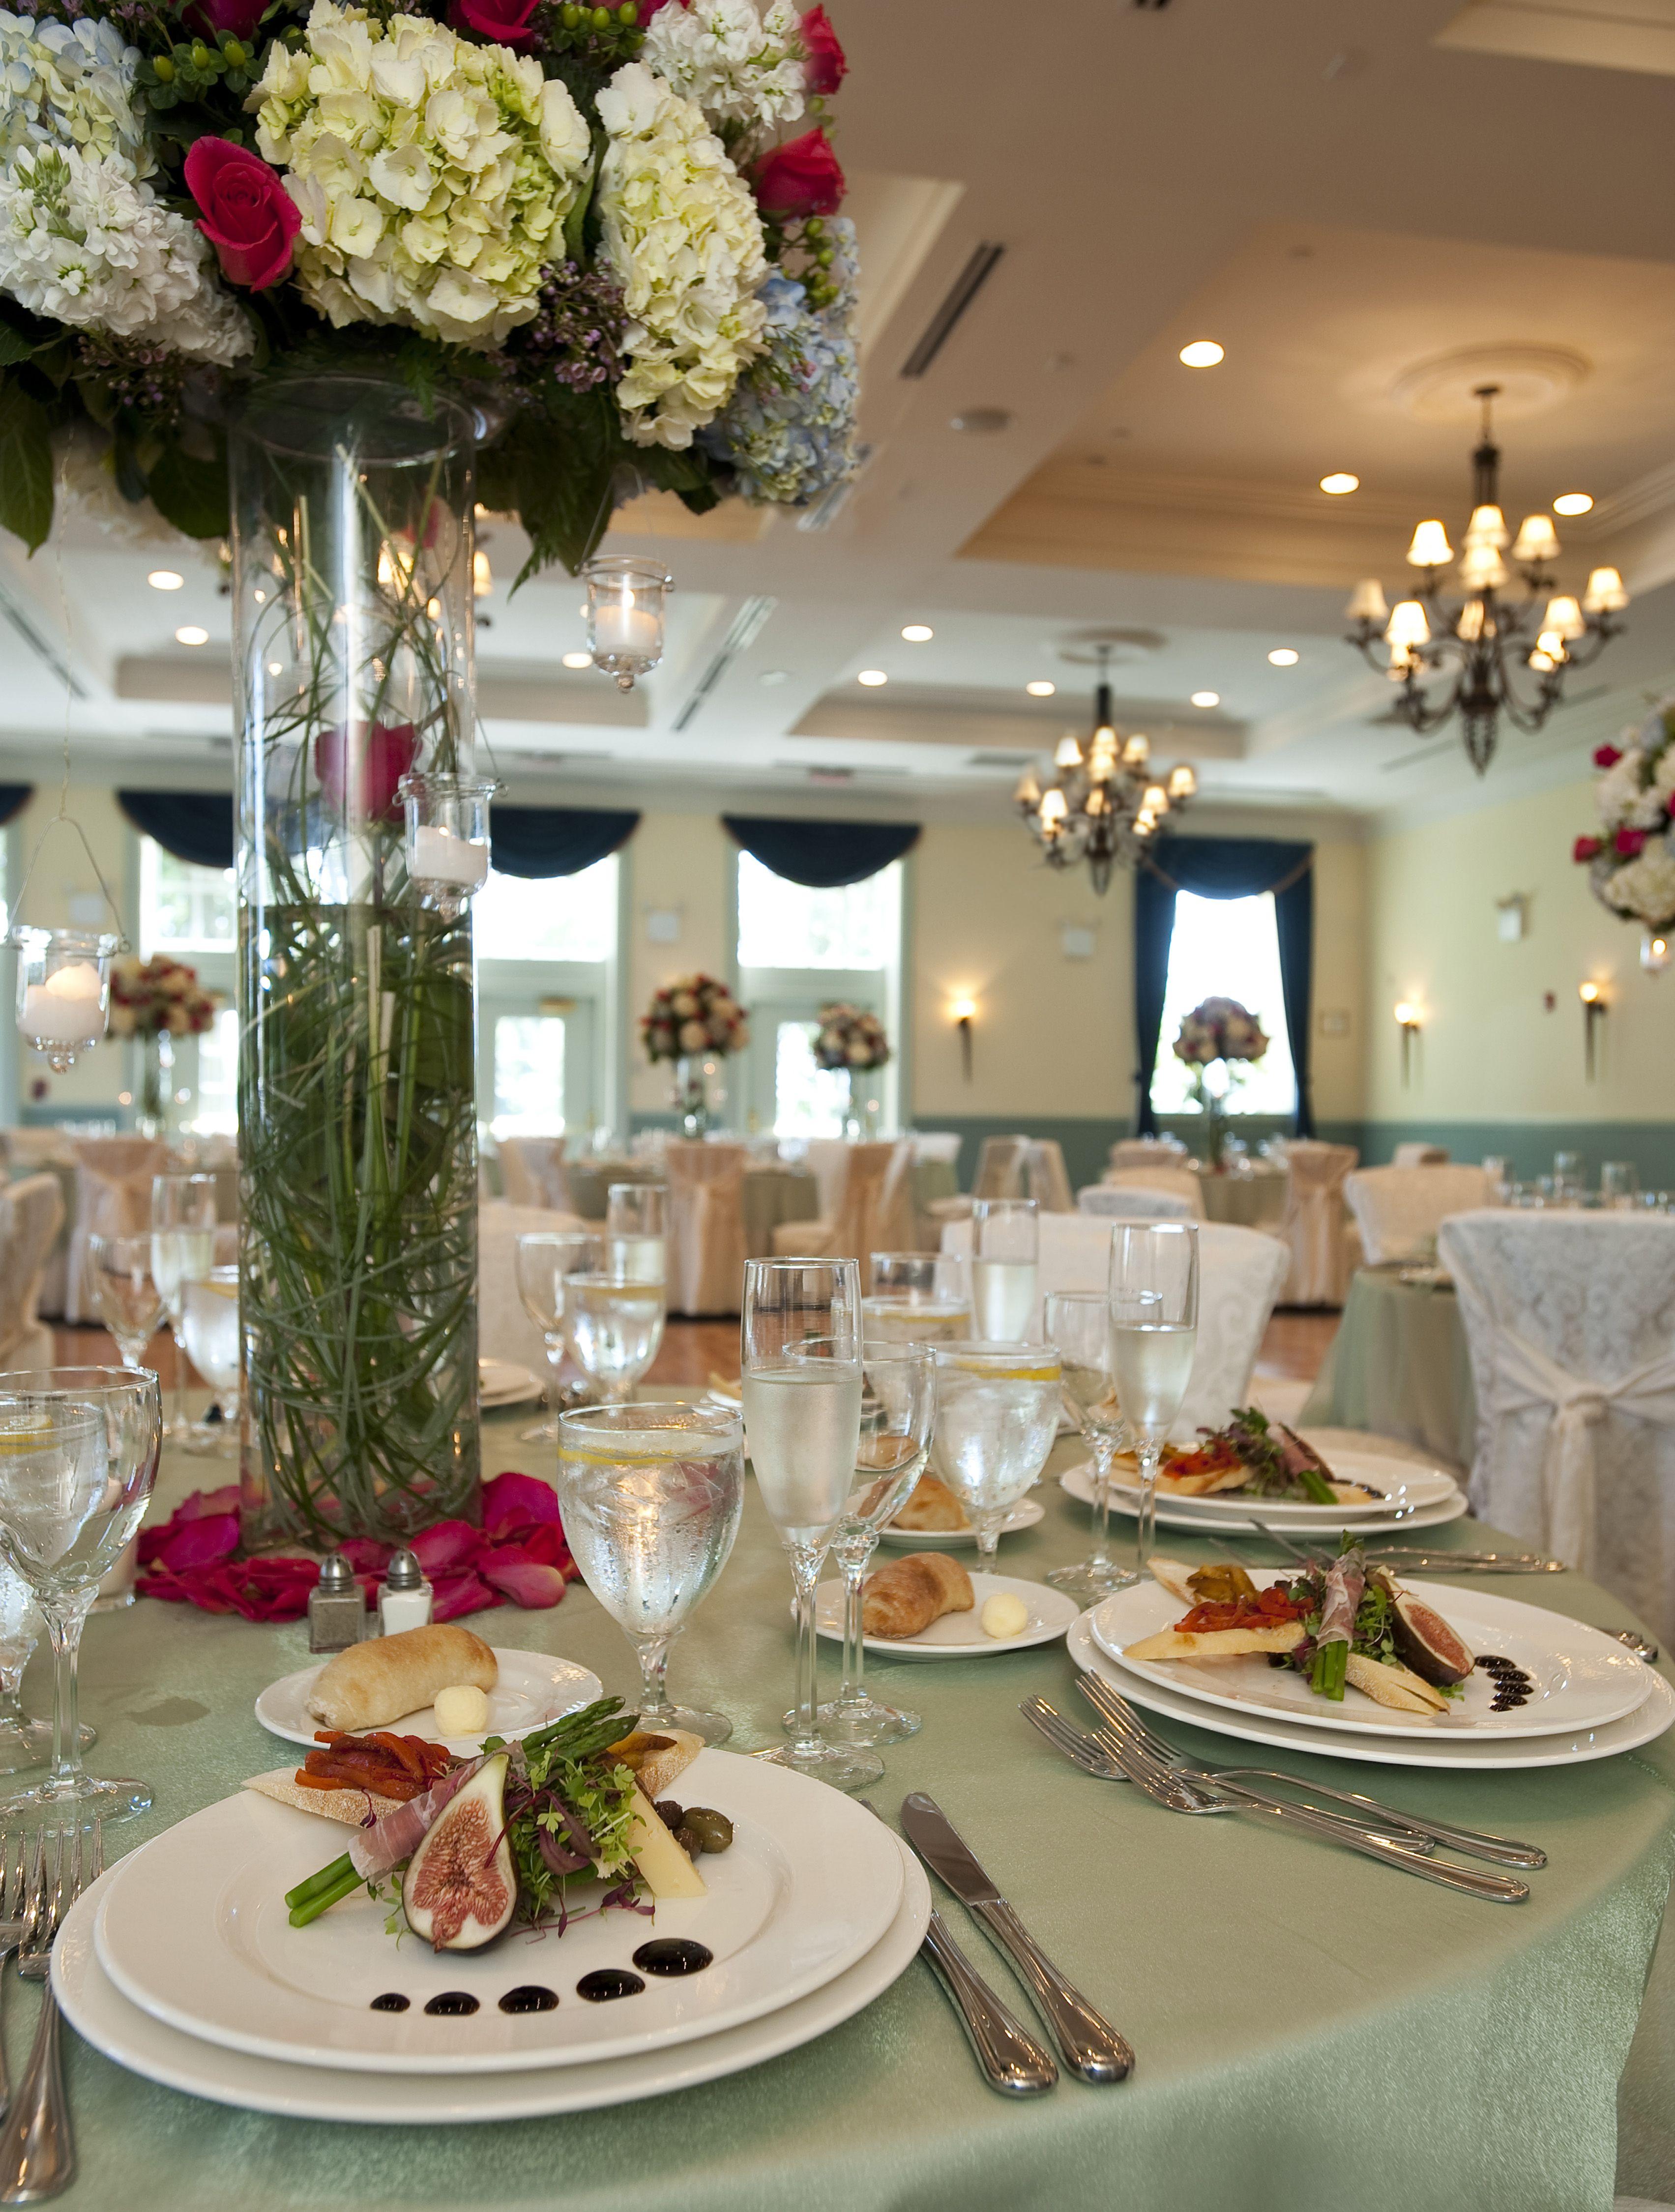 Dyker Beach Golf Course Brooklyn Ny Http Countryclubreceptions Com Brooklyn Wedding Location Html Brooklyn Style Table Decorations Brooklyn Wedding